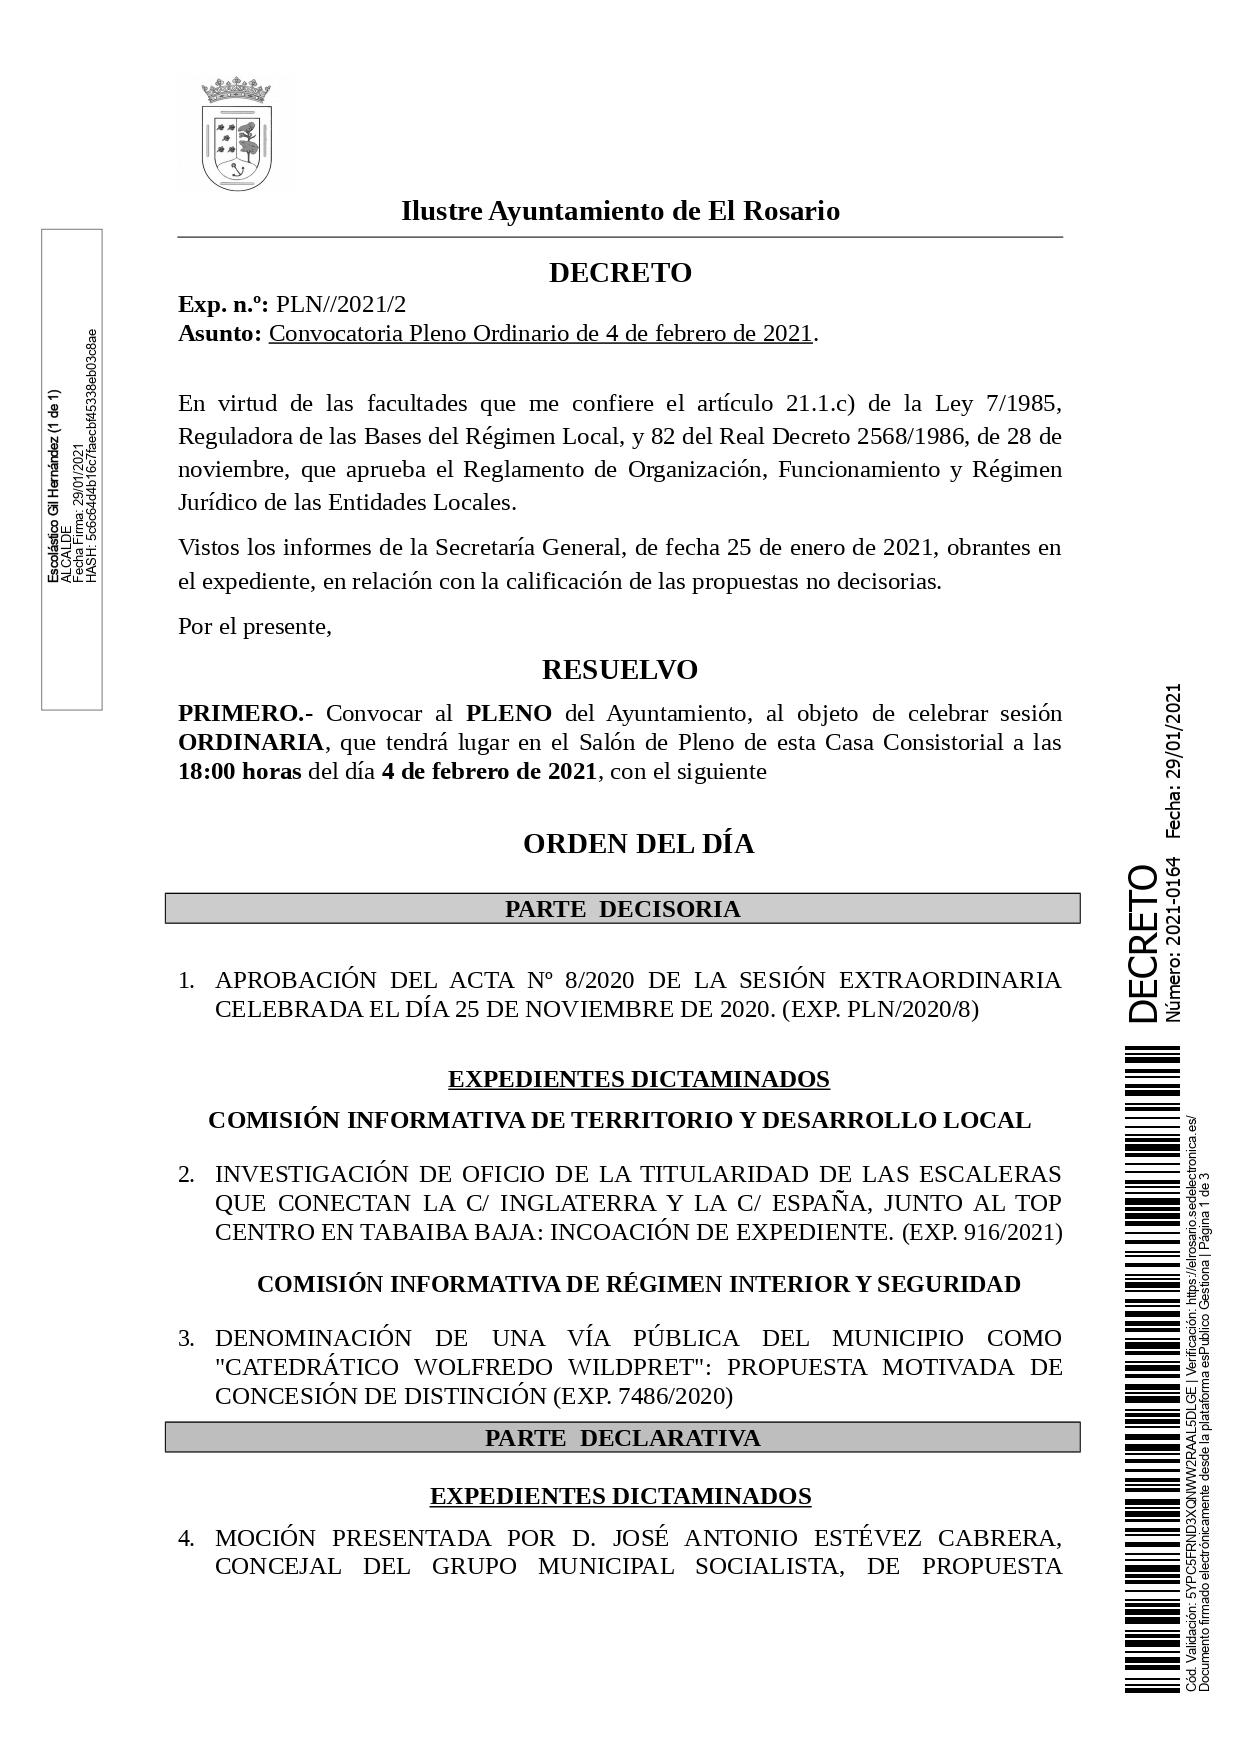 20210129_DECRETO 2021-0164 [Decreto Convocatoria Pleno Ordinario de 4 de febrero de 2021]_page-0001